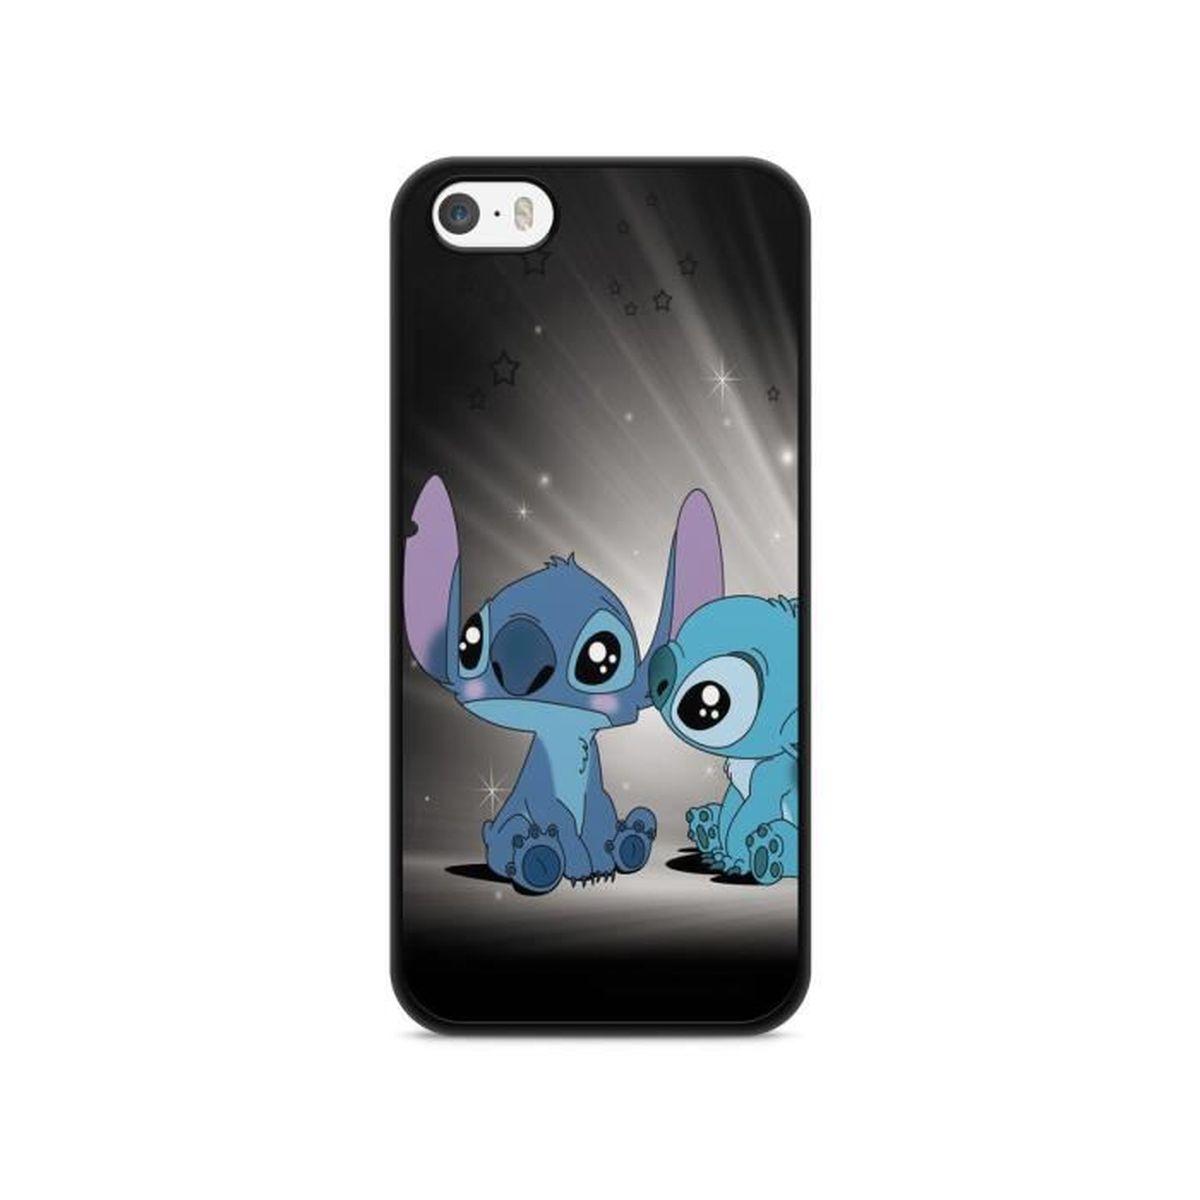 coque iphone 5 5s se lilo stitch tortue love o